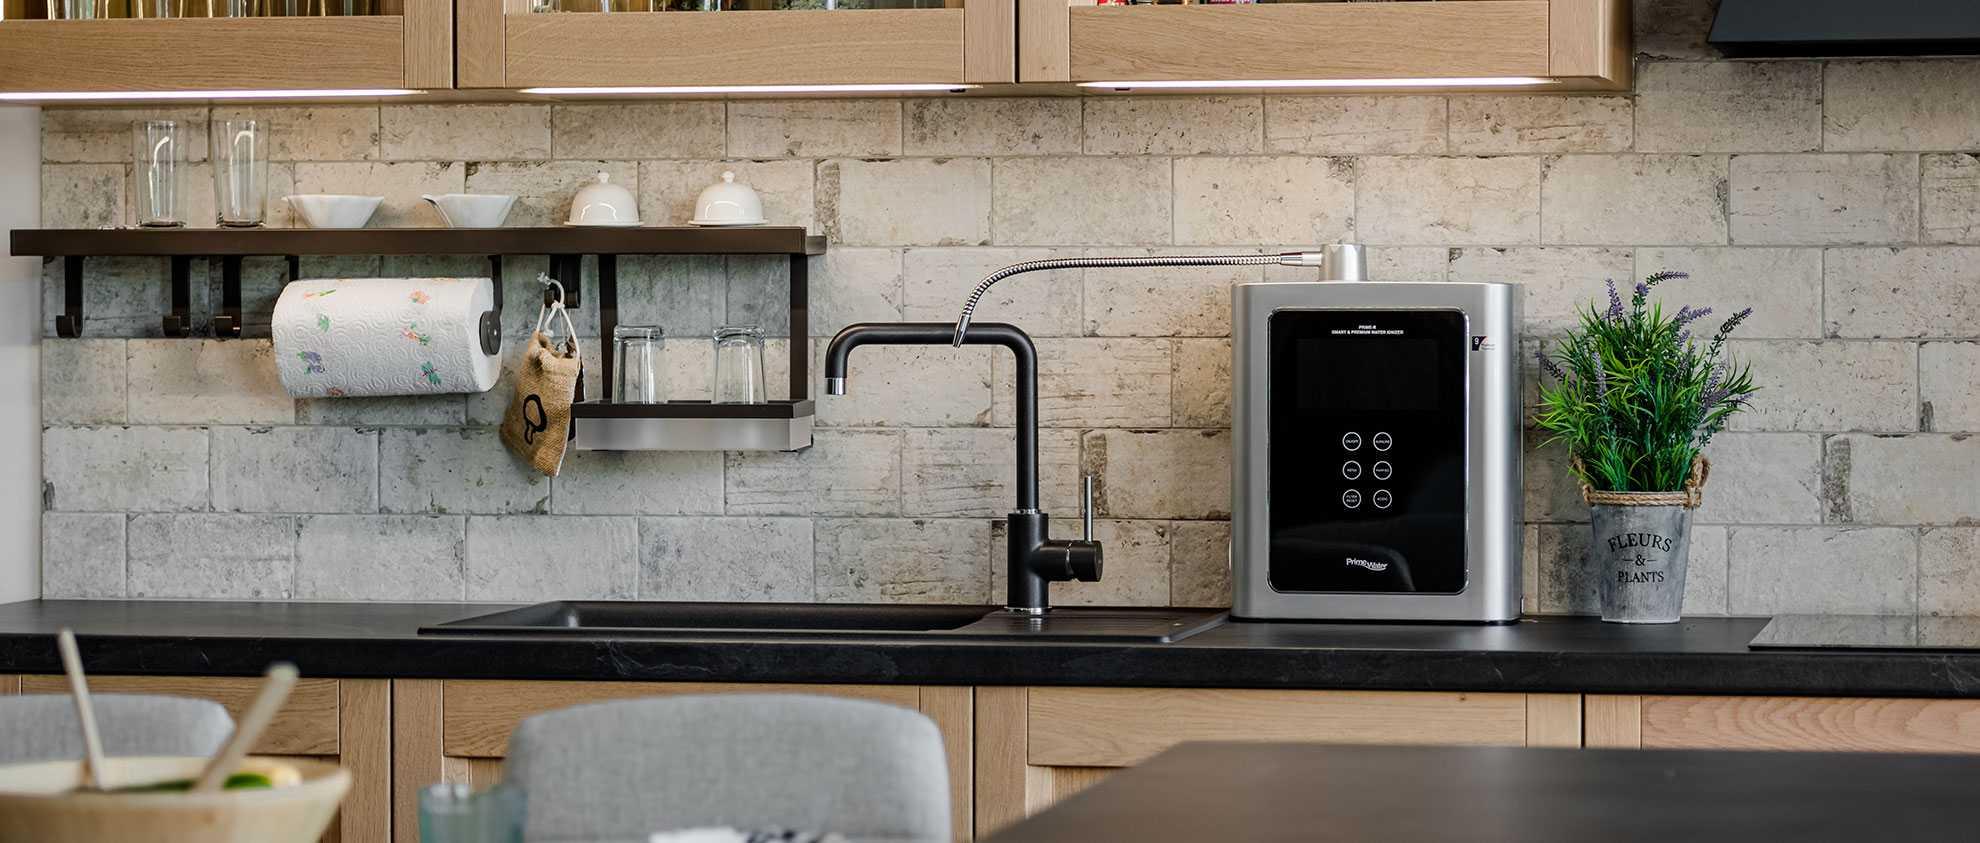 Йонизатор Серия R за алкална вода и киселинна вода